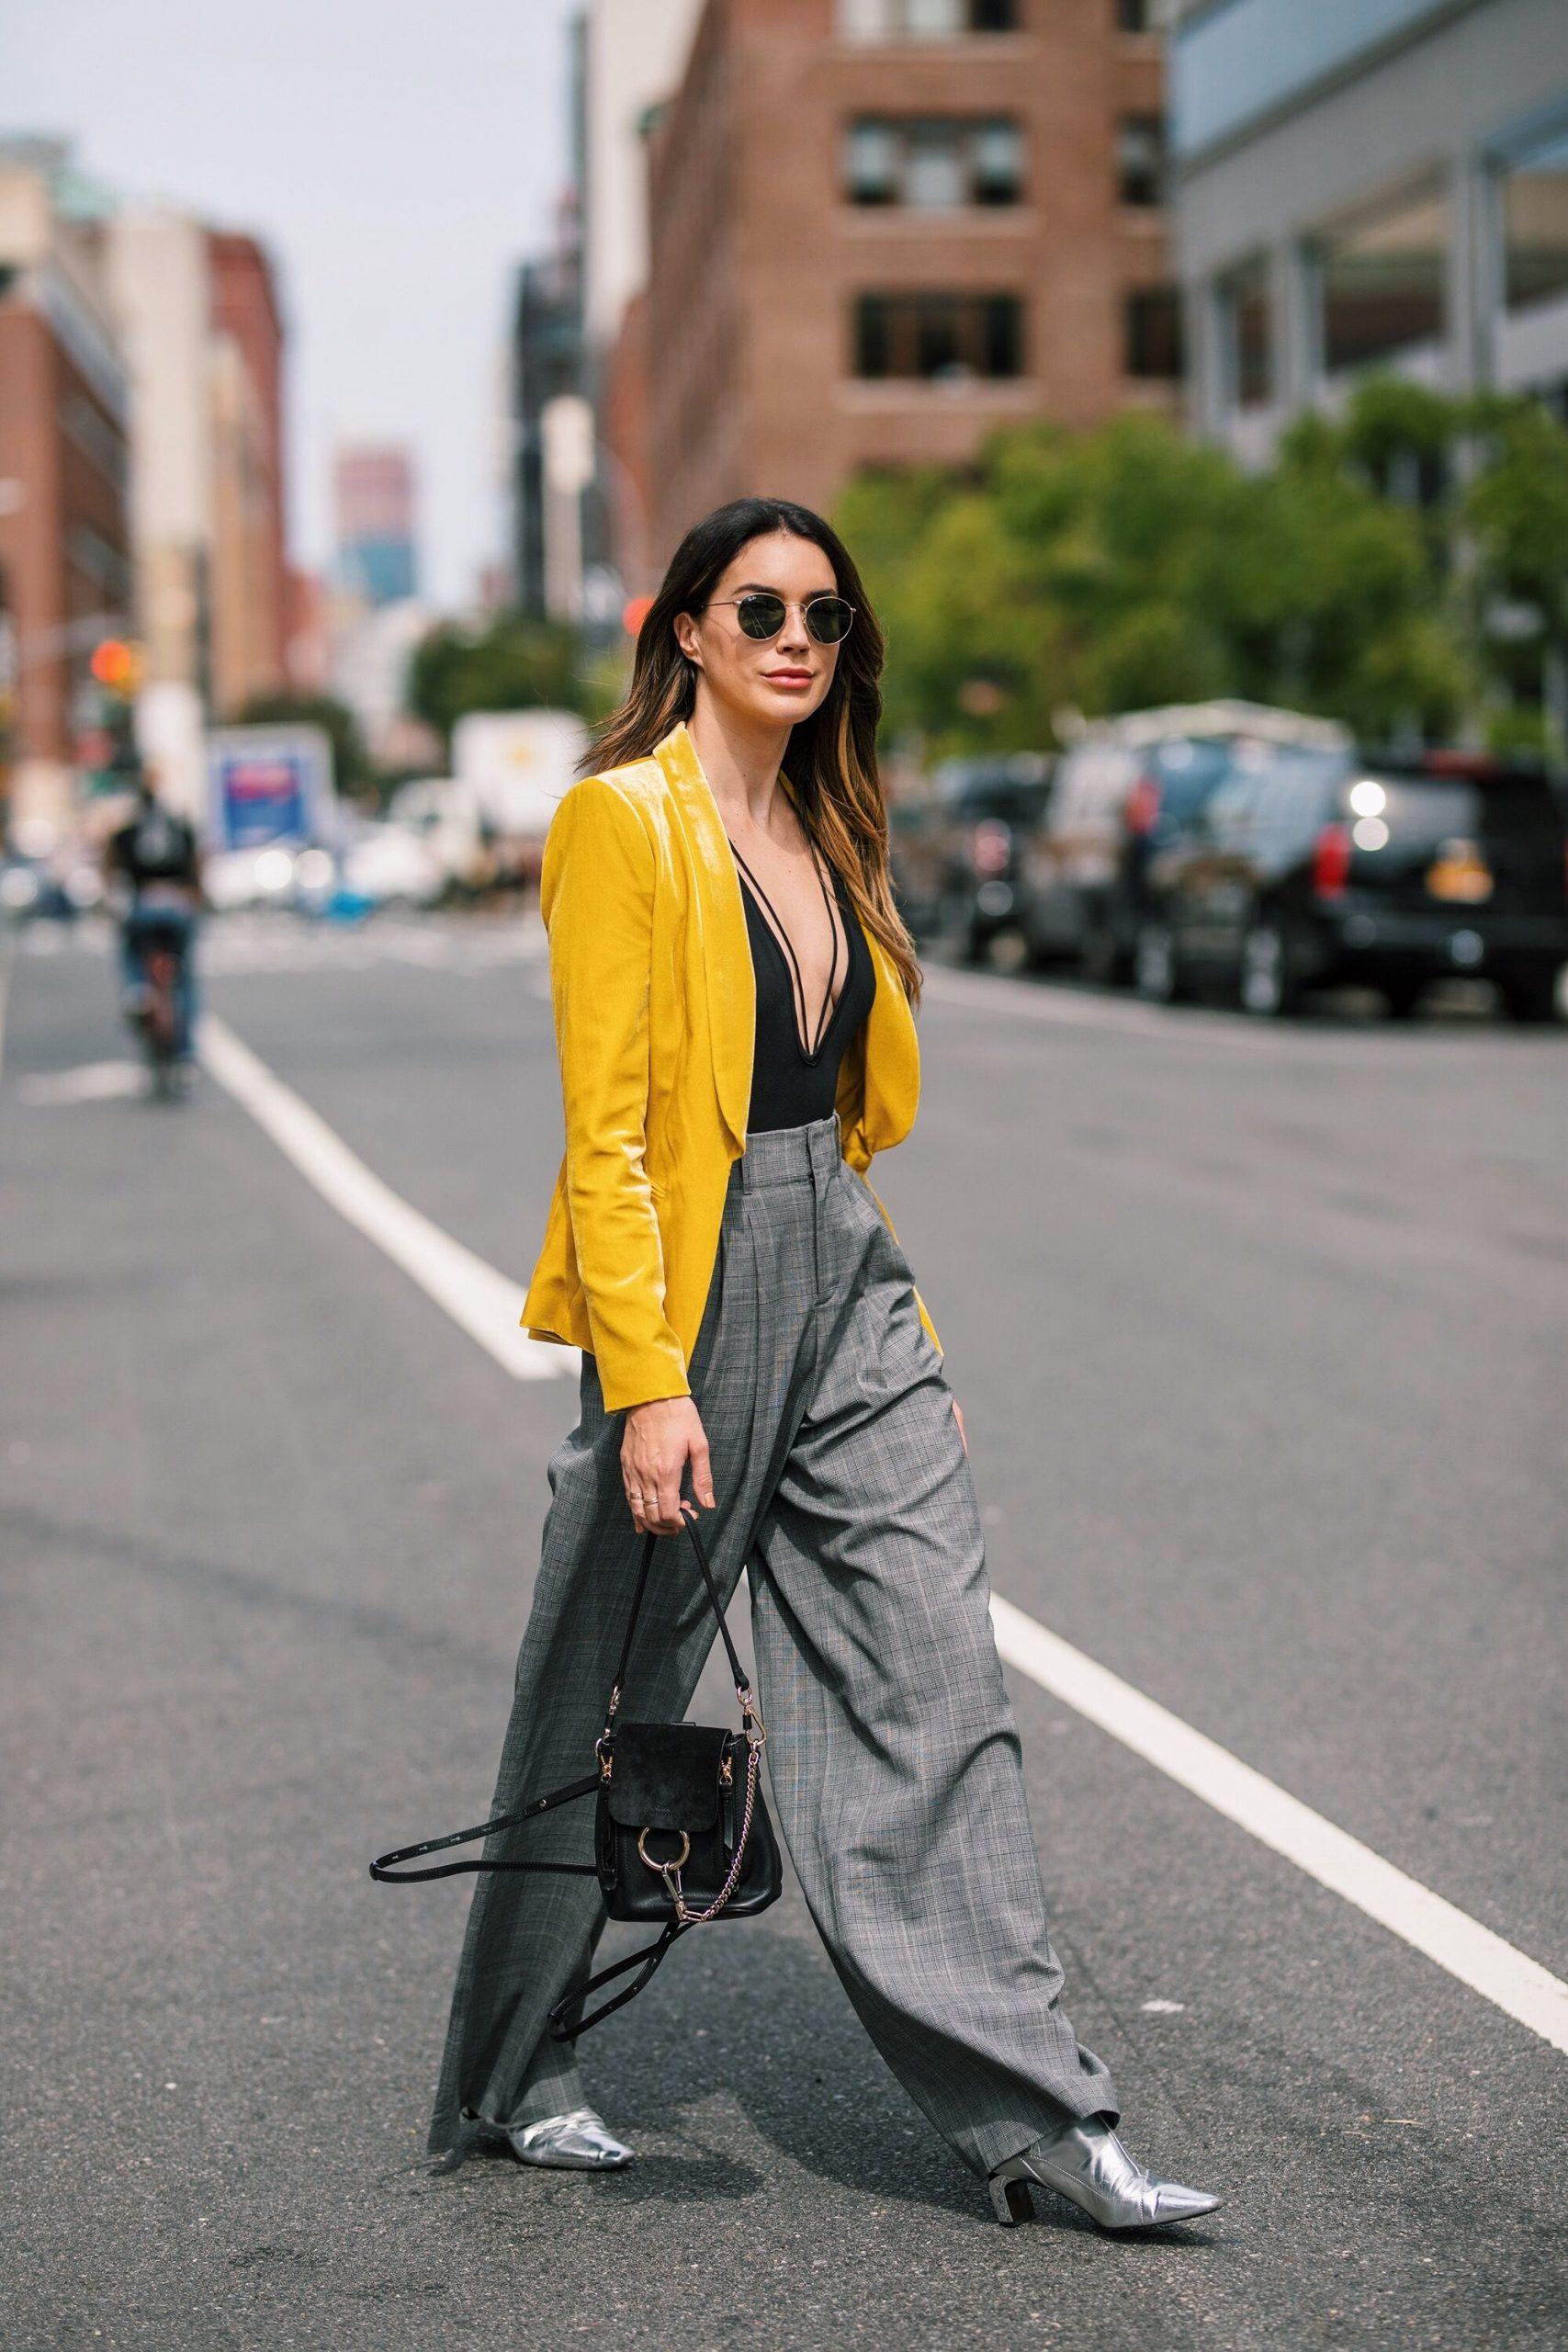 xu hướng thời trang hè 2021 cách phối màu vàng và xám